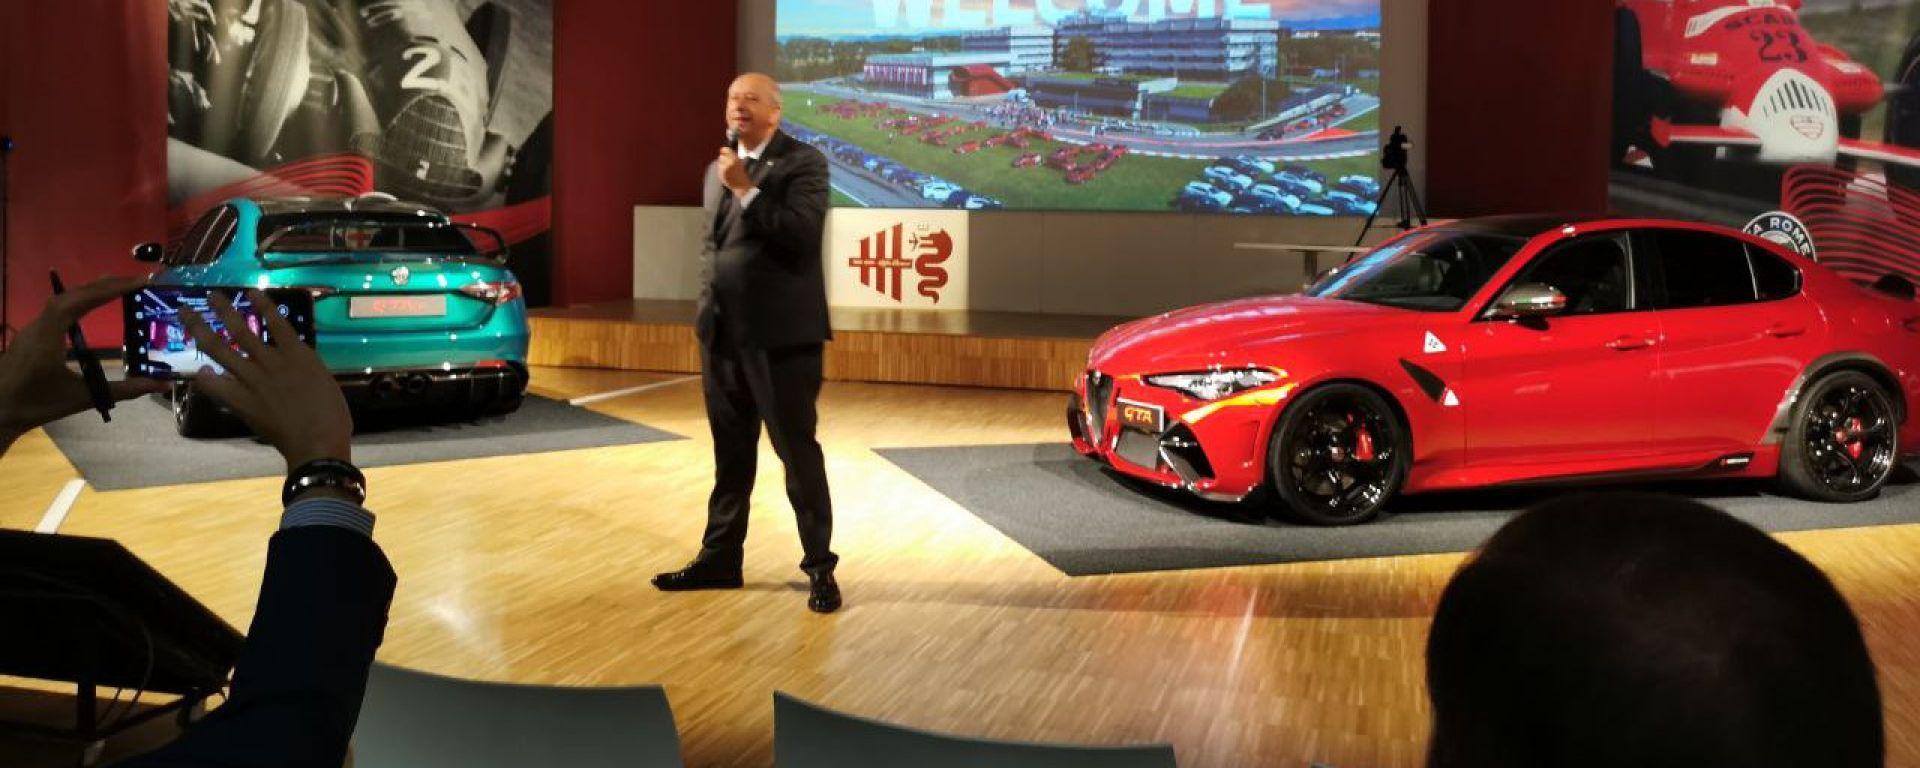 Jean-Philippe Imparato alla consegna delle prime Alfa Romeo Giulia GTA e GTAm